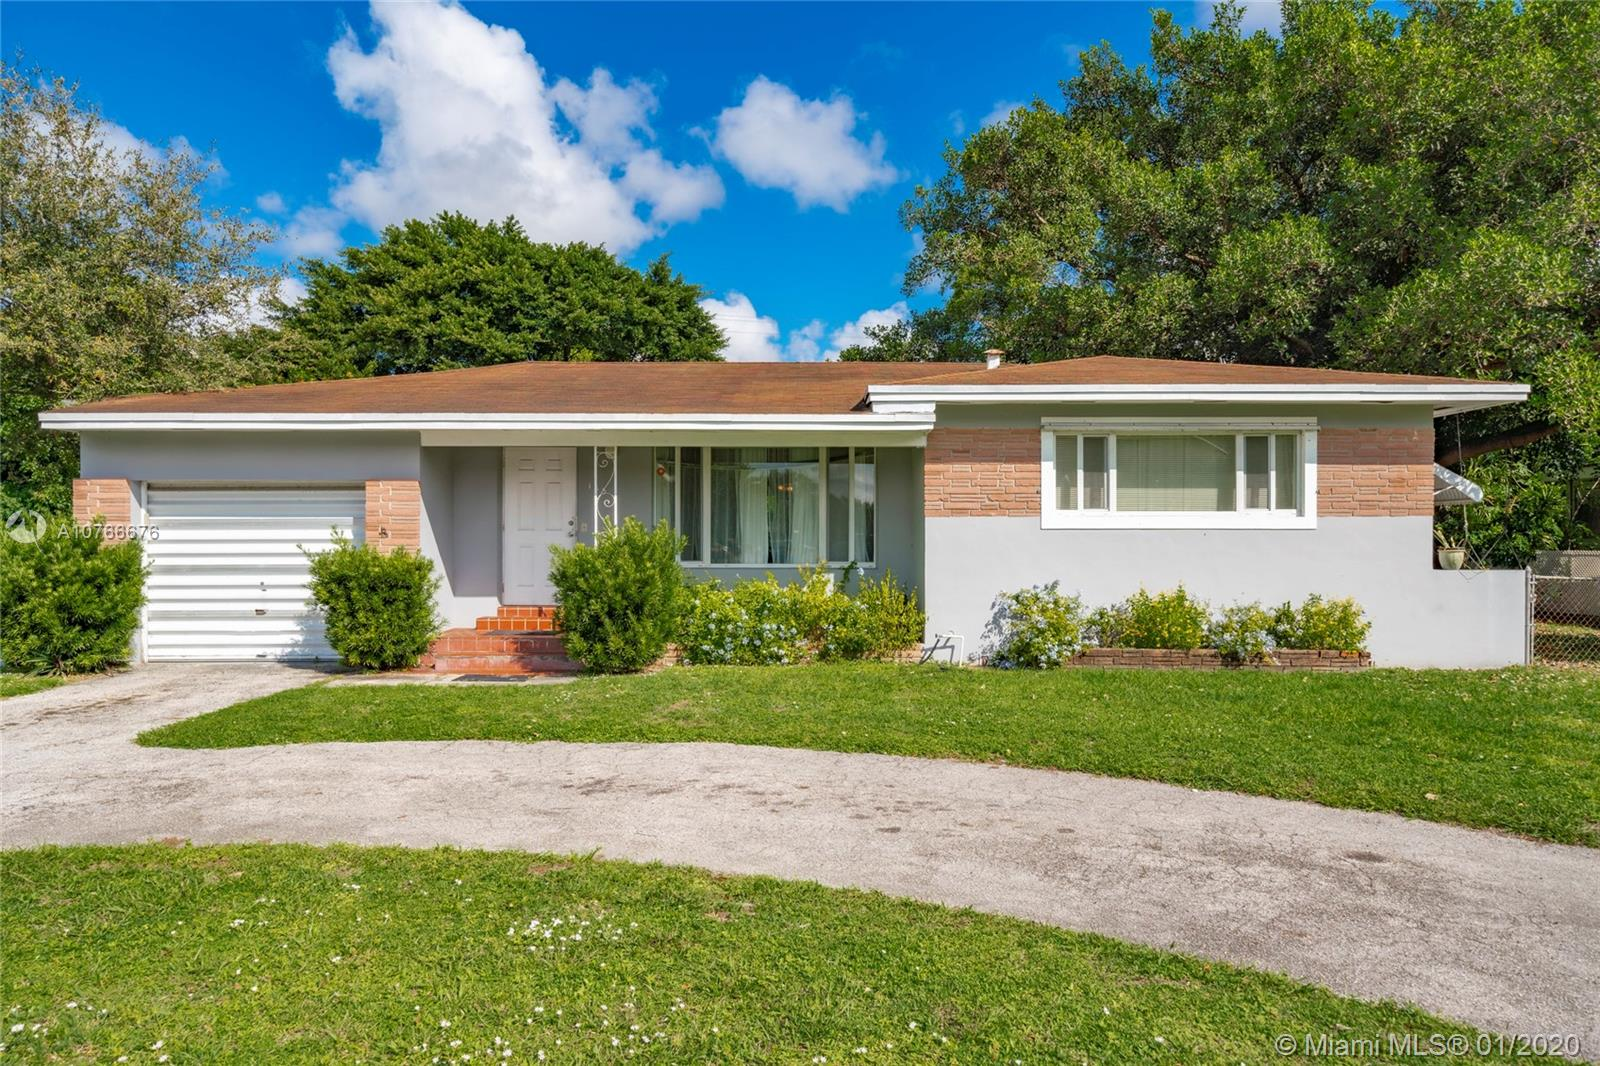 185 NW 115th St - Miami, Florida